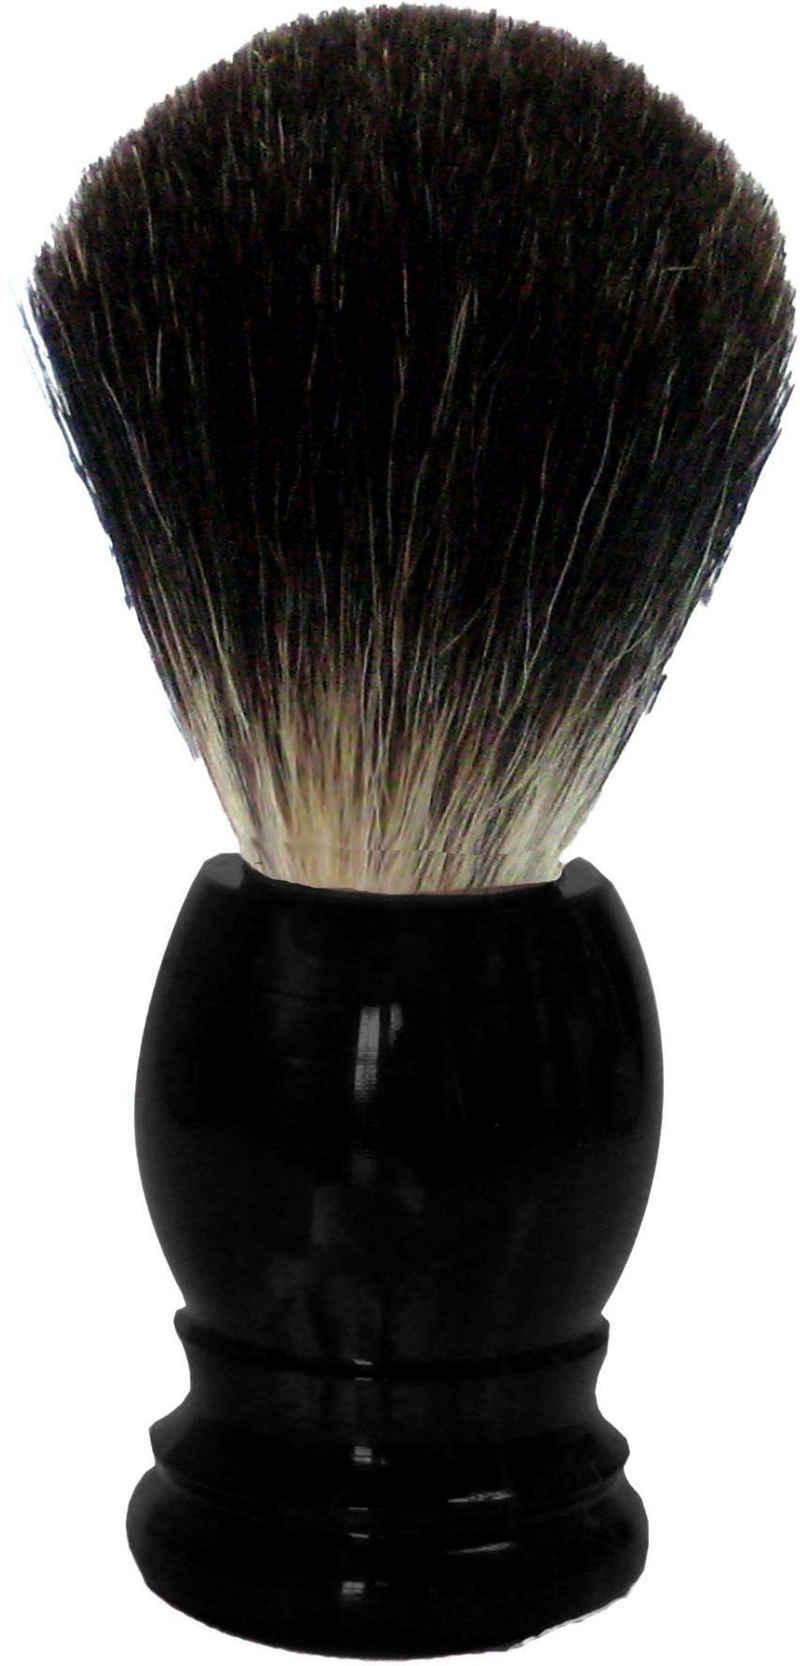 Golddachs Rasierpinsel, 100% Dachshaar, schwarzer Kunststoffgriff